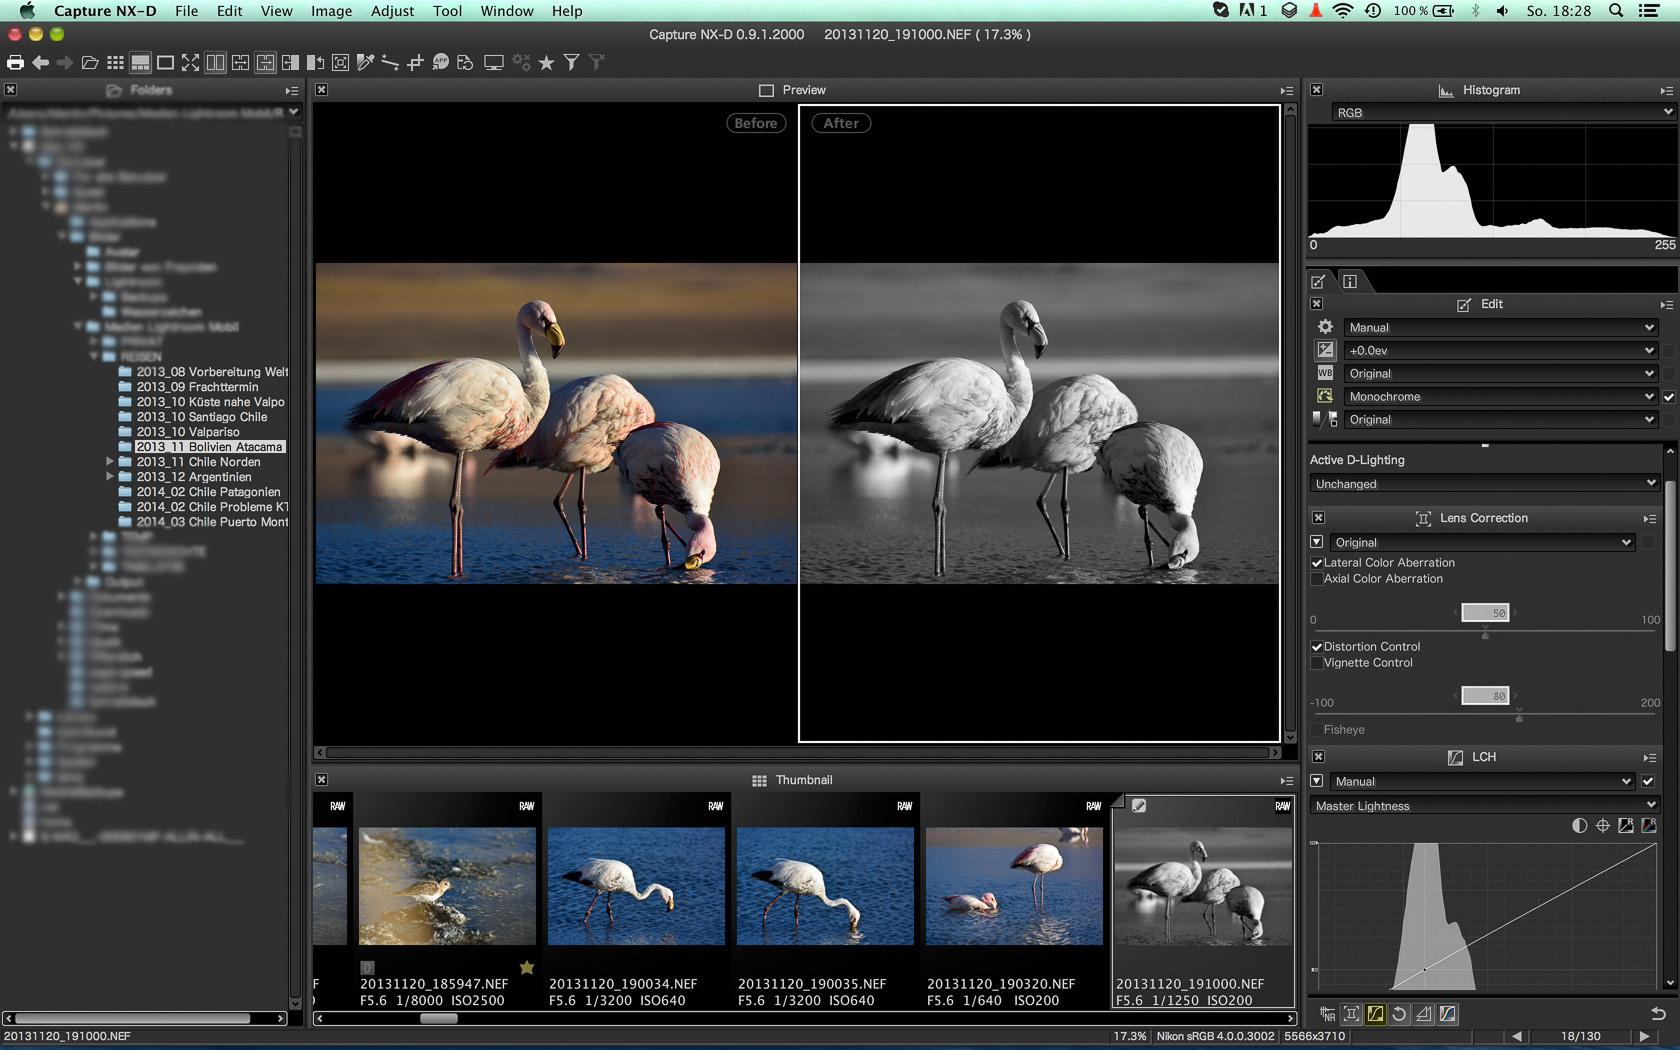 Nikon Capture NX-D Fullscreen